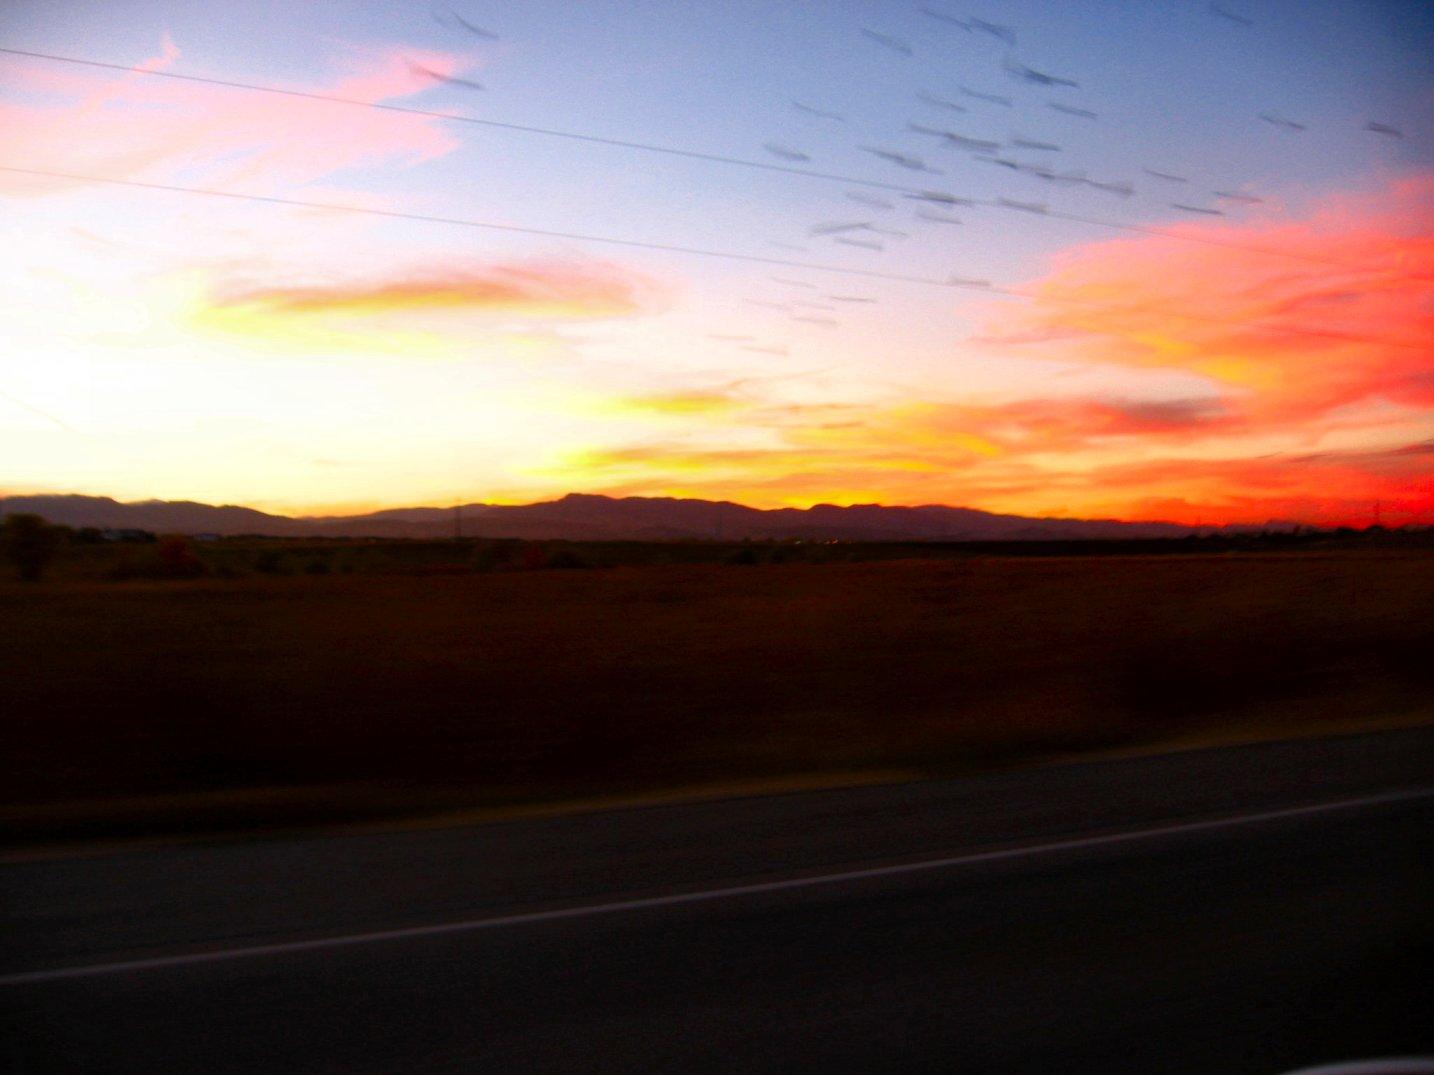 horizons_colorado_October_21_2003__soul-amp.com_1